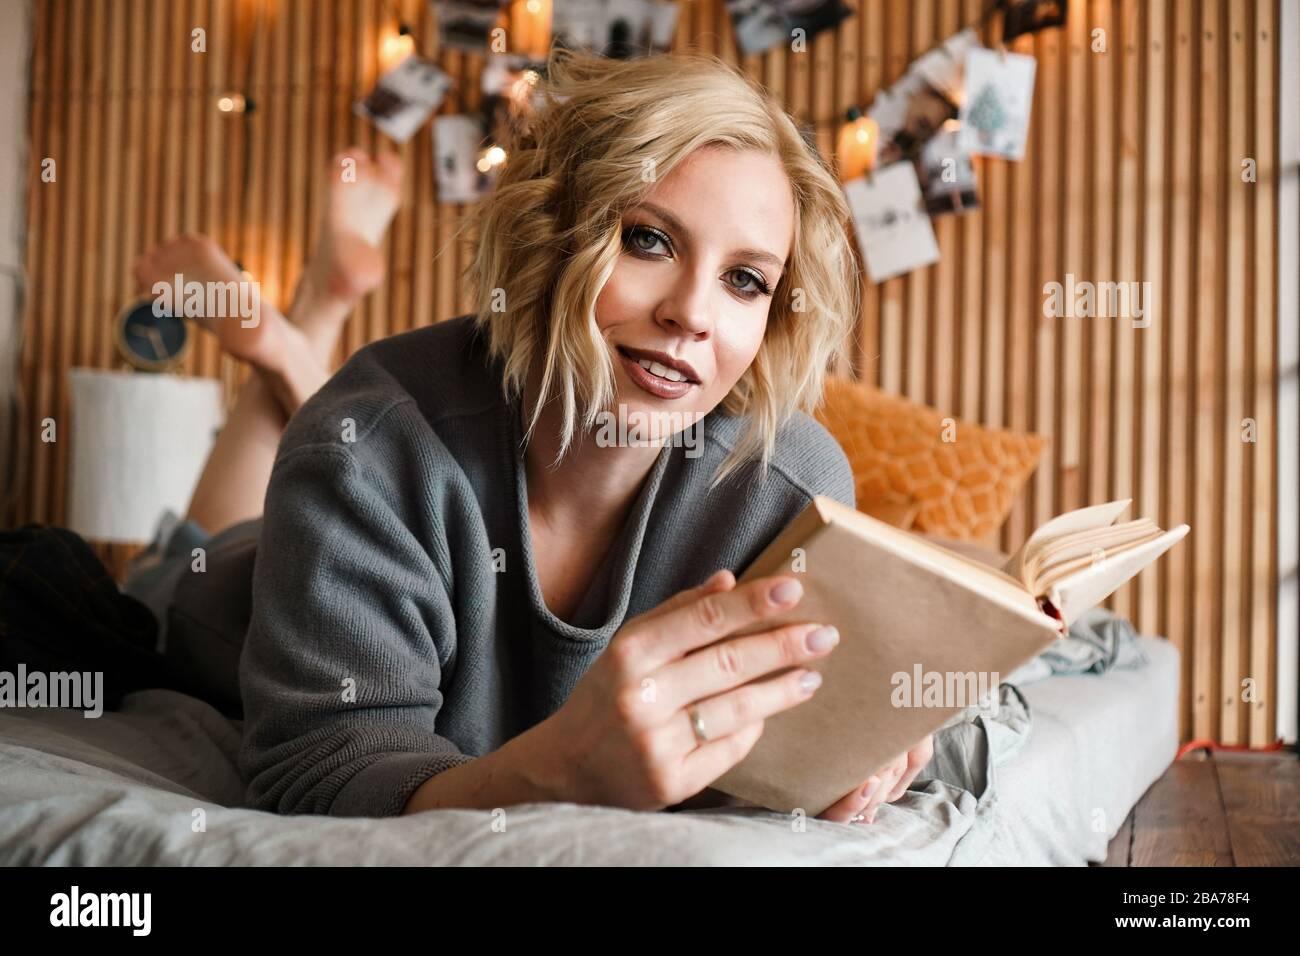 Happy Woman regardant l'appareil photo, livre de détente et de lecture sur un lit confortable - mur en bois et photos avec des lumières - fond flou Banque D'Images